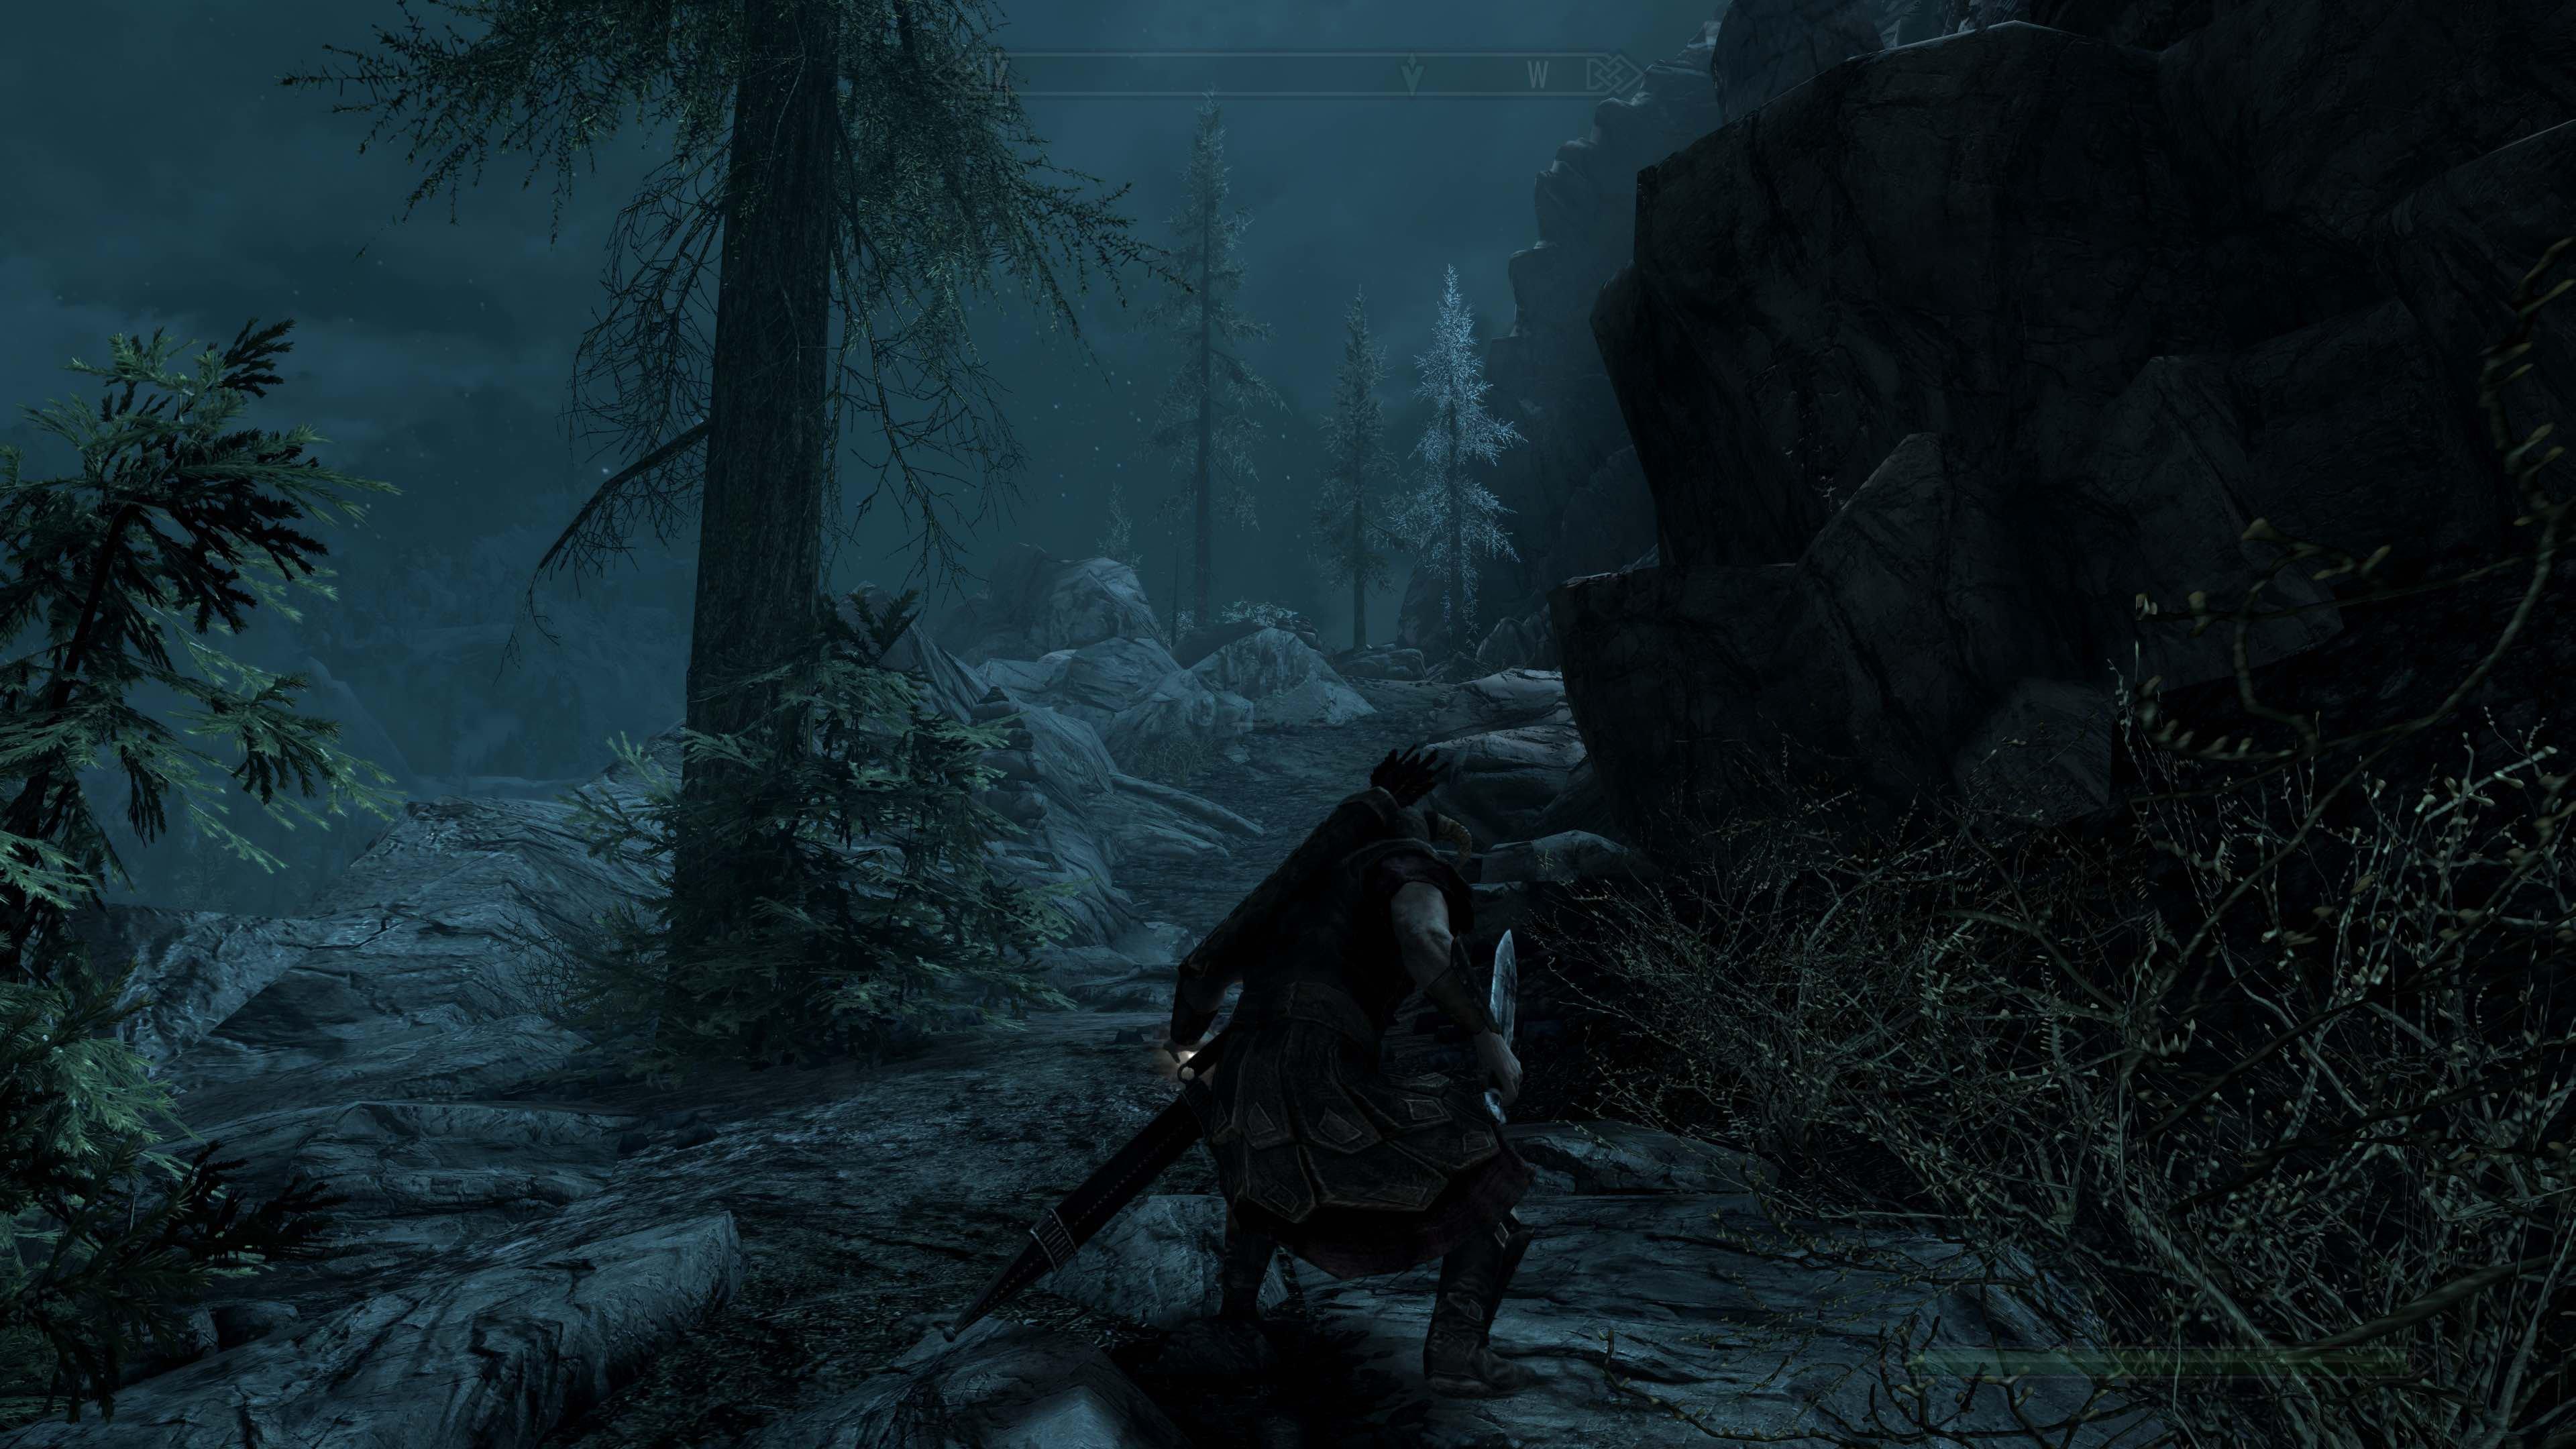 The Elder Scrolls V Skyrim Recensione: Switch si macchia con il